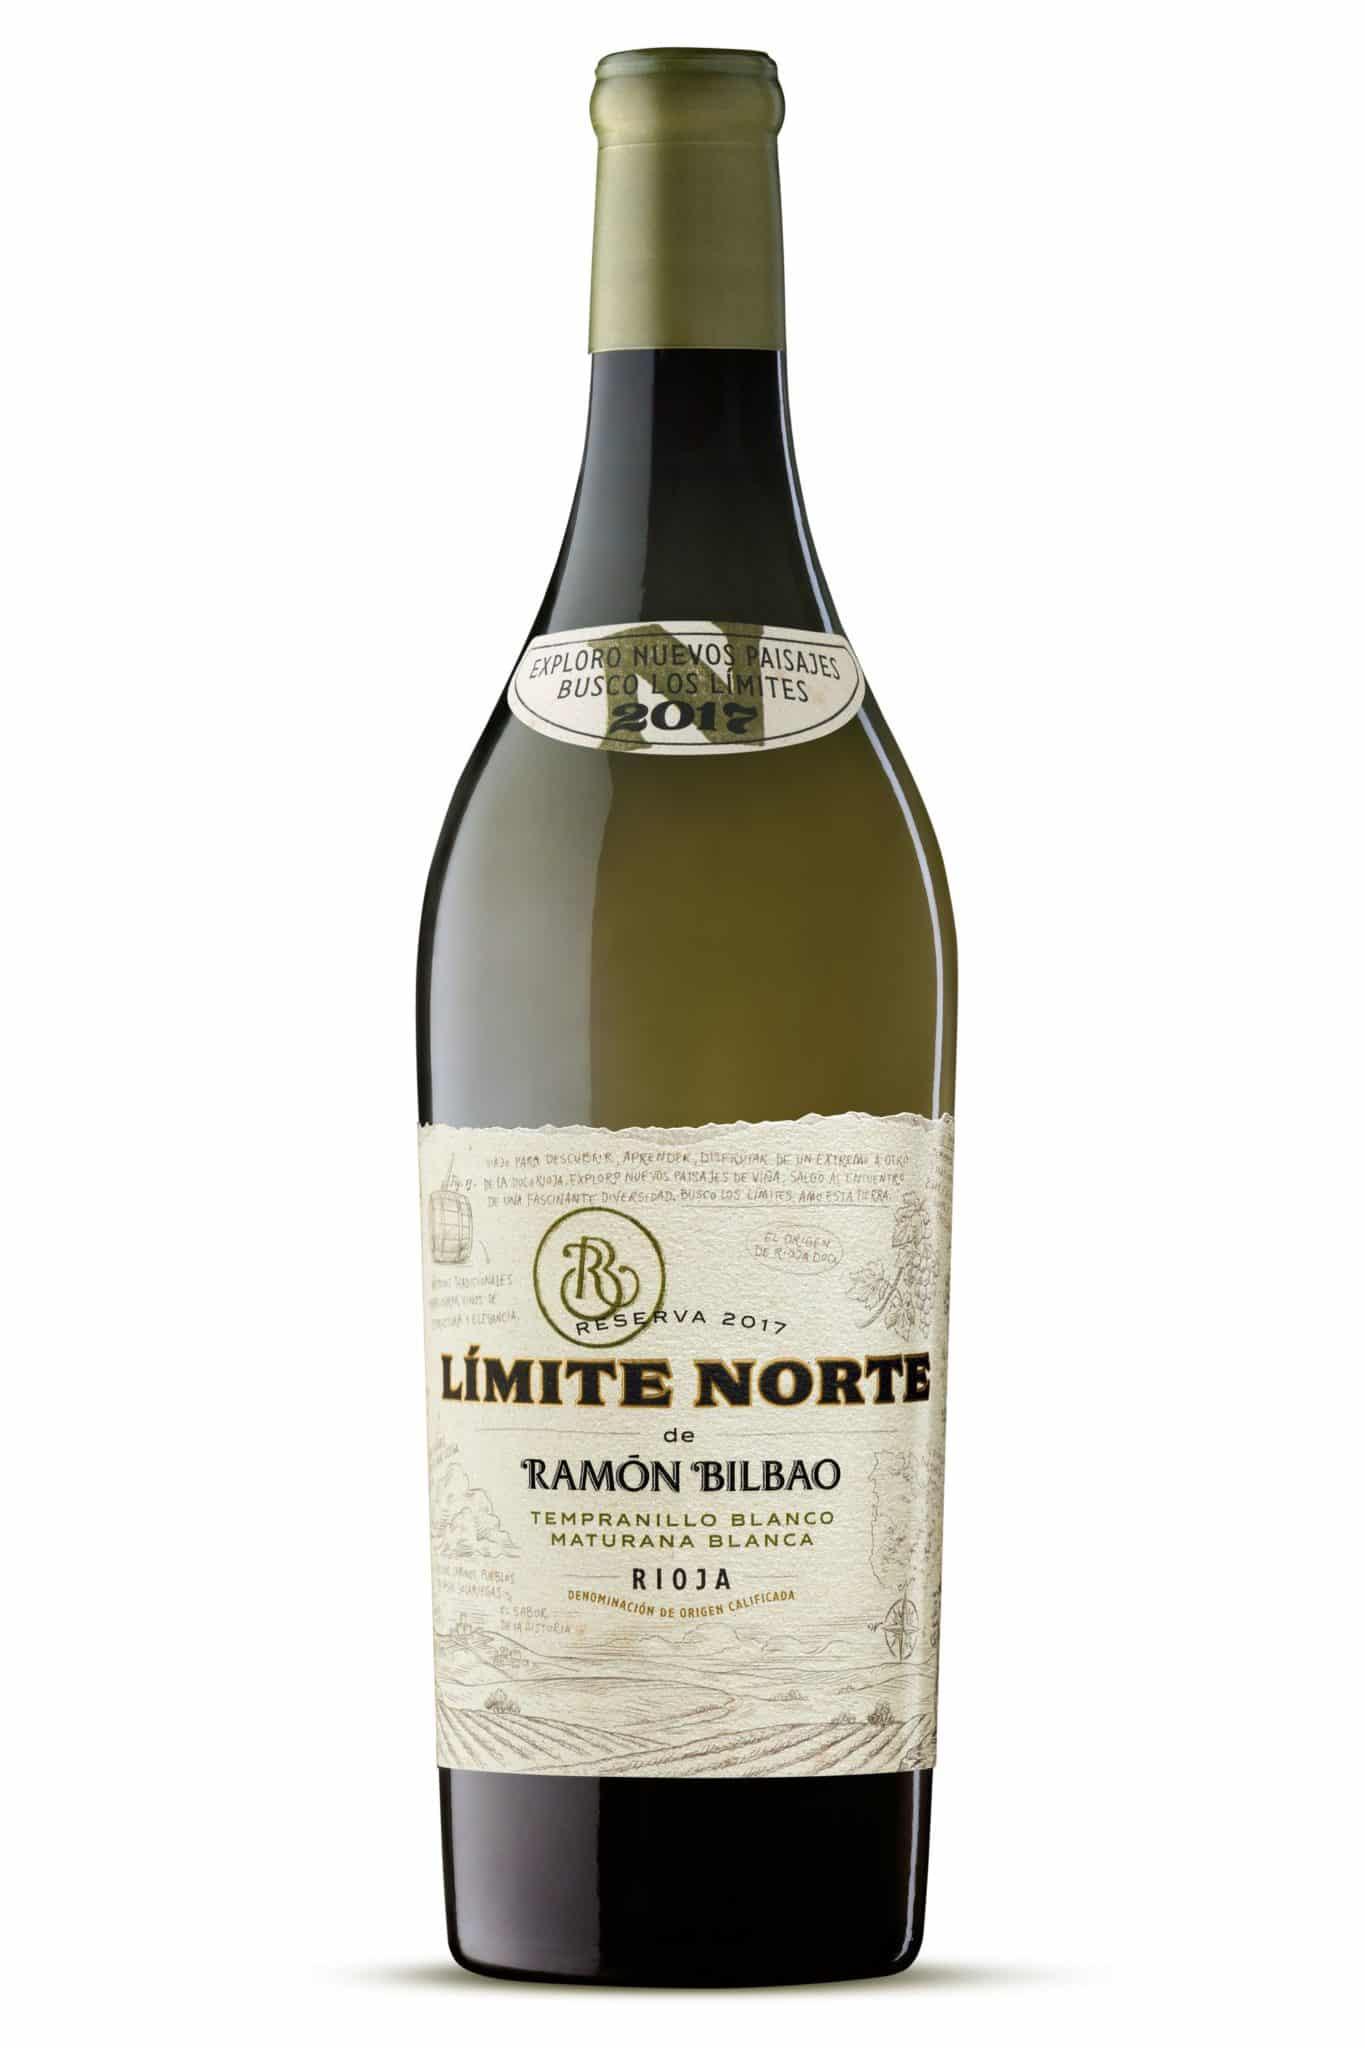 Ramón Bilbao lanza Límite Norte y Límite Sur, sus nuevos vinos en homenaje a los paisajes de La Rioja 2